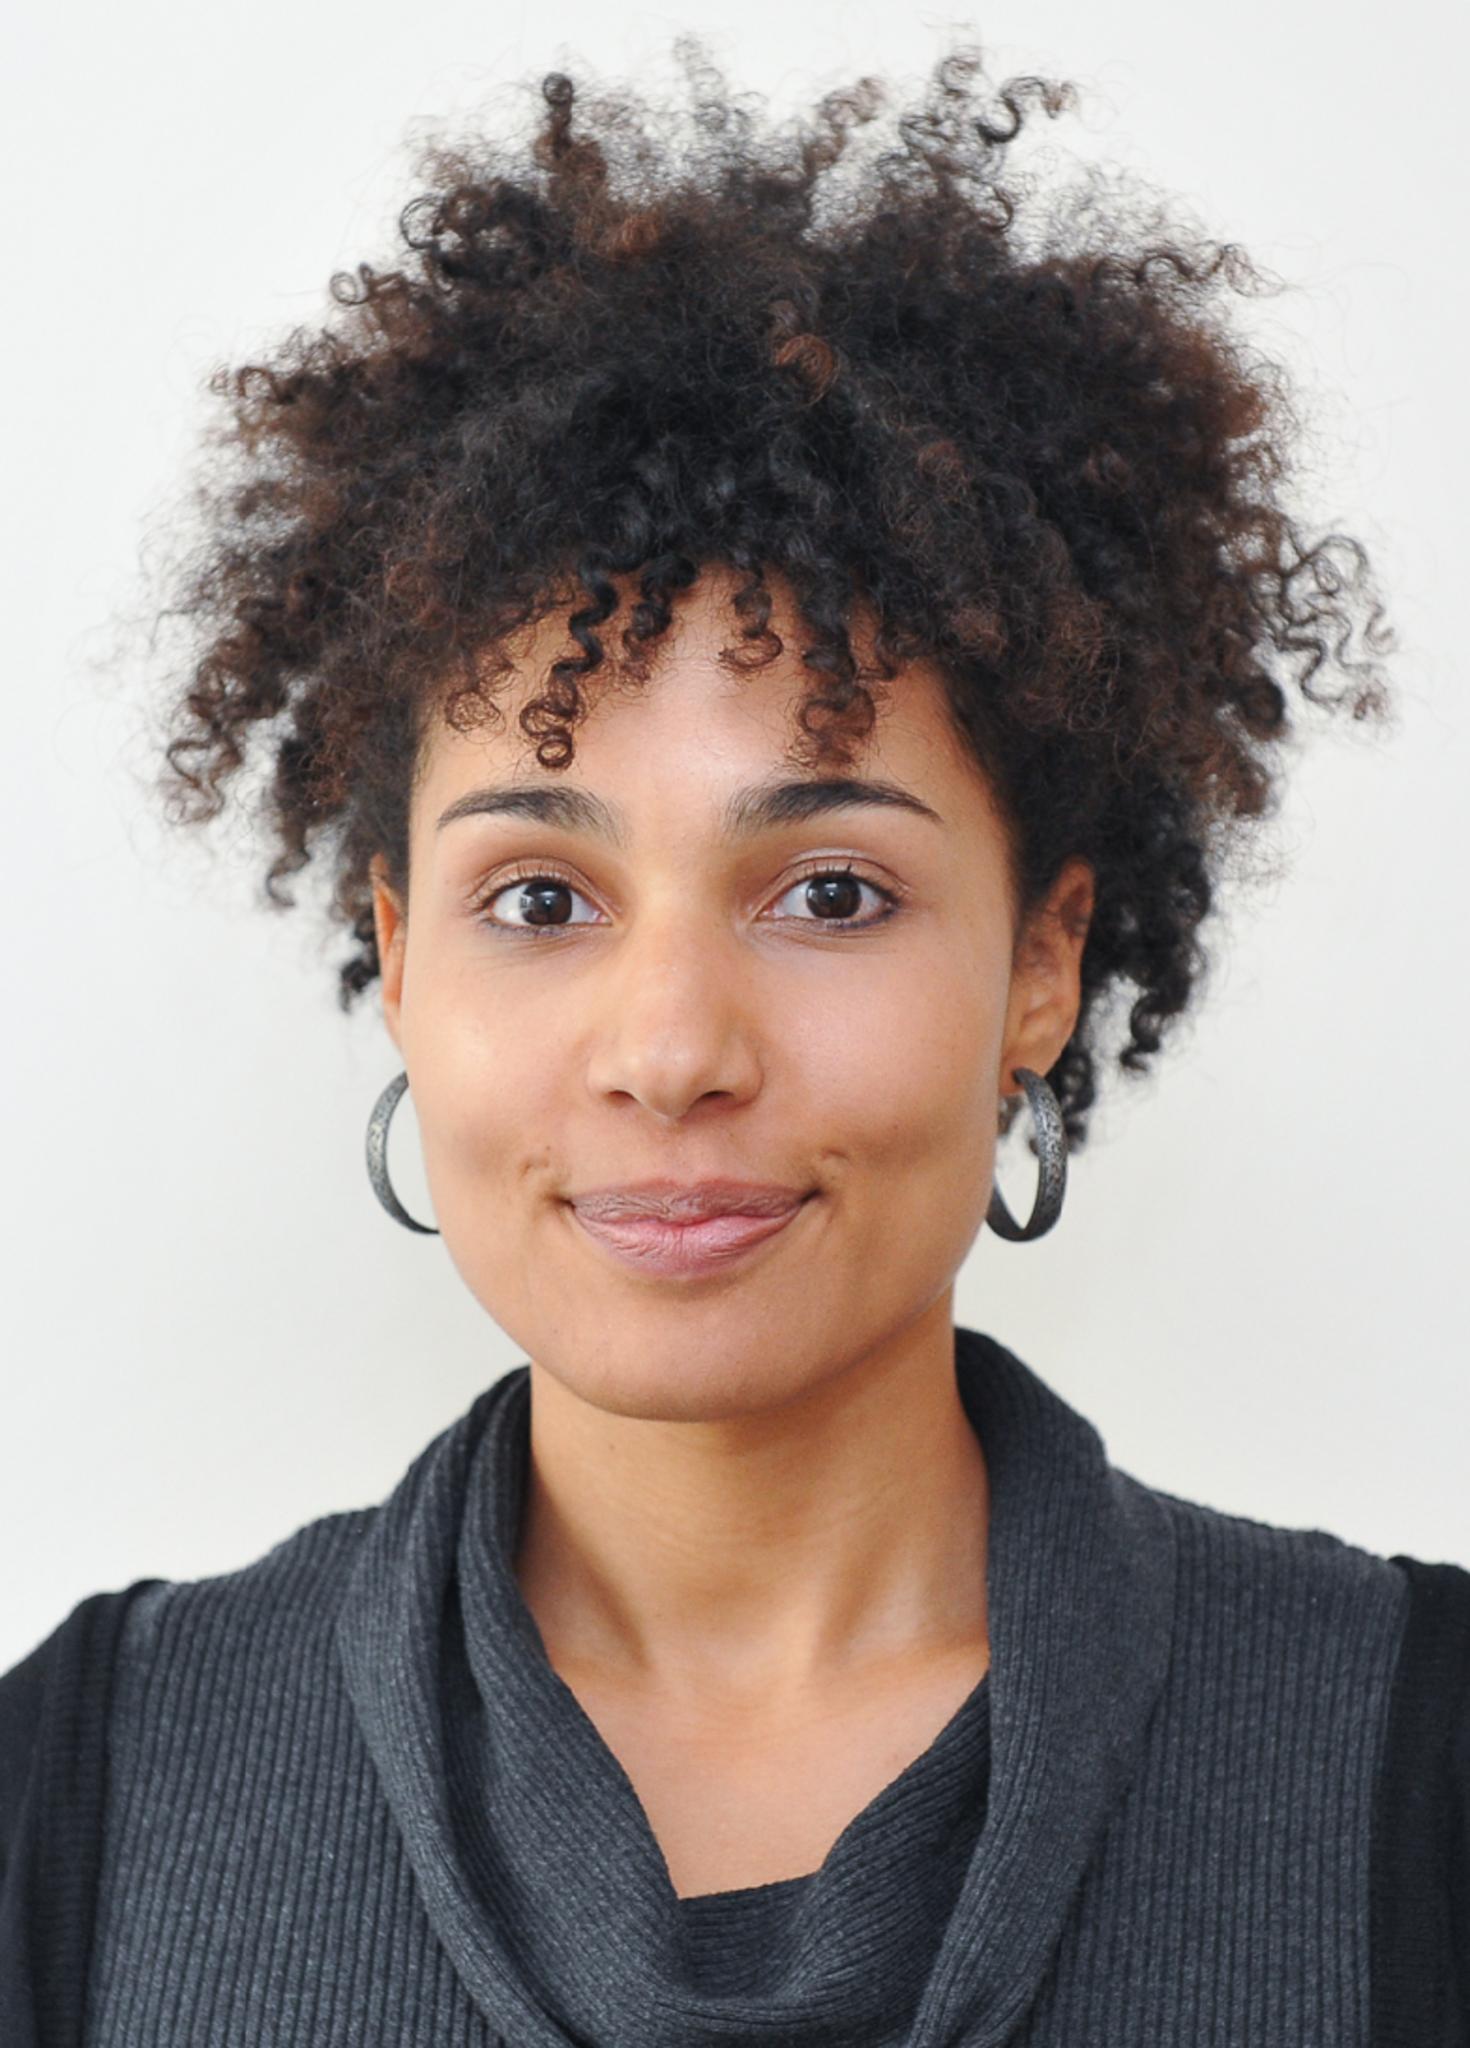 Josephine Macfoy aus Schöneberg - Berliner Woche